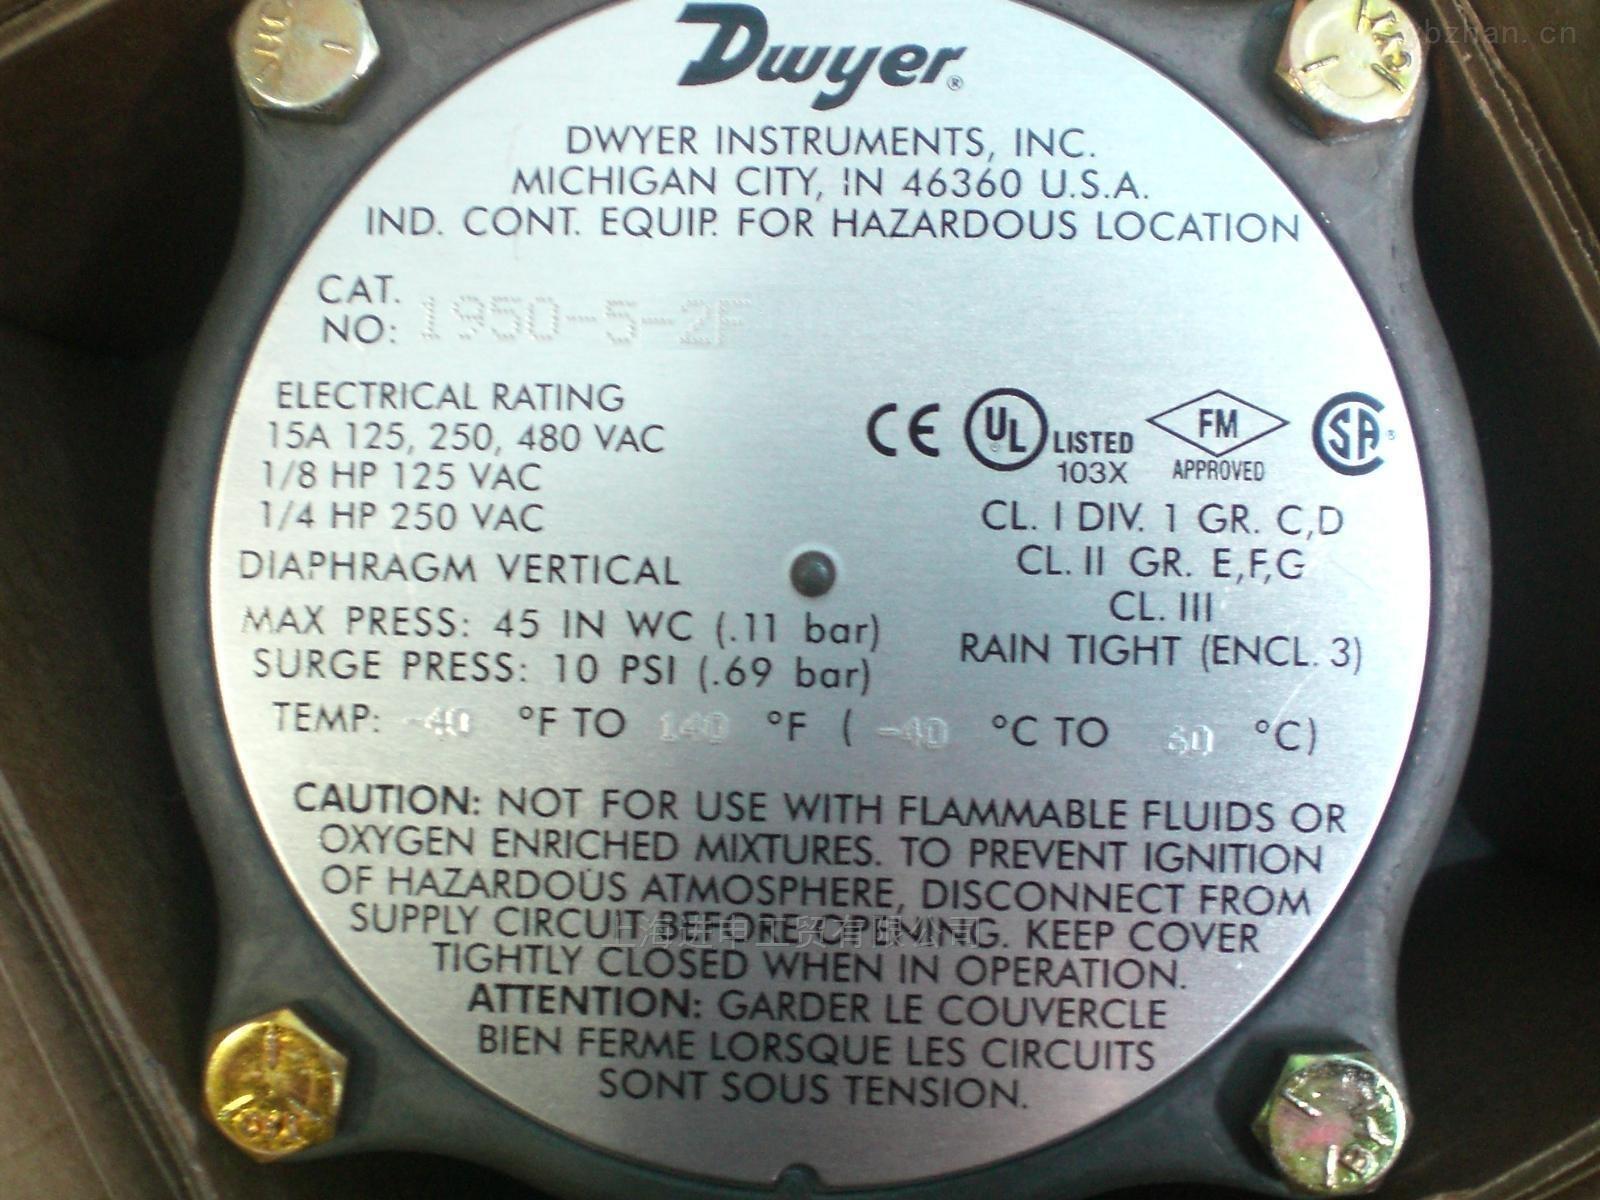 1950-5-2F-美国dwyer 1950-5-2F防爆差压开关